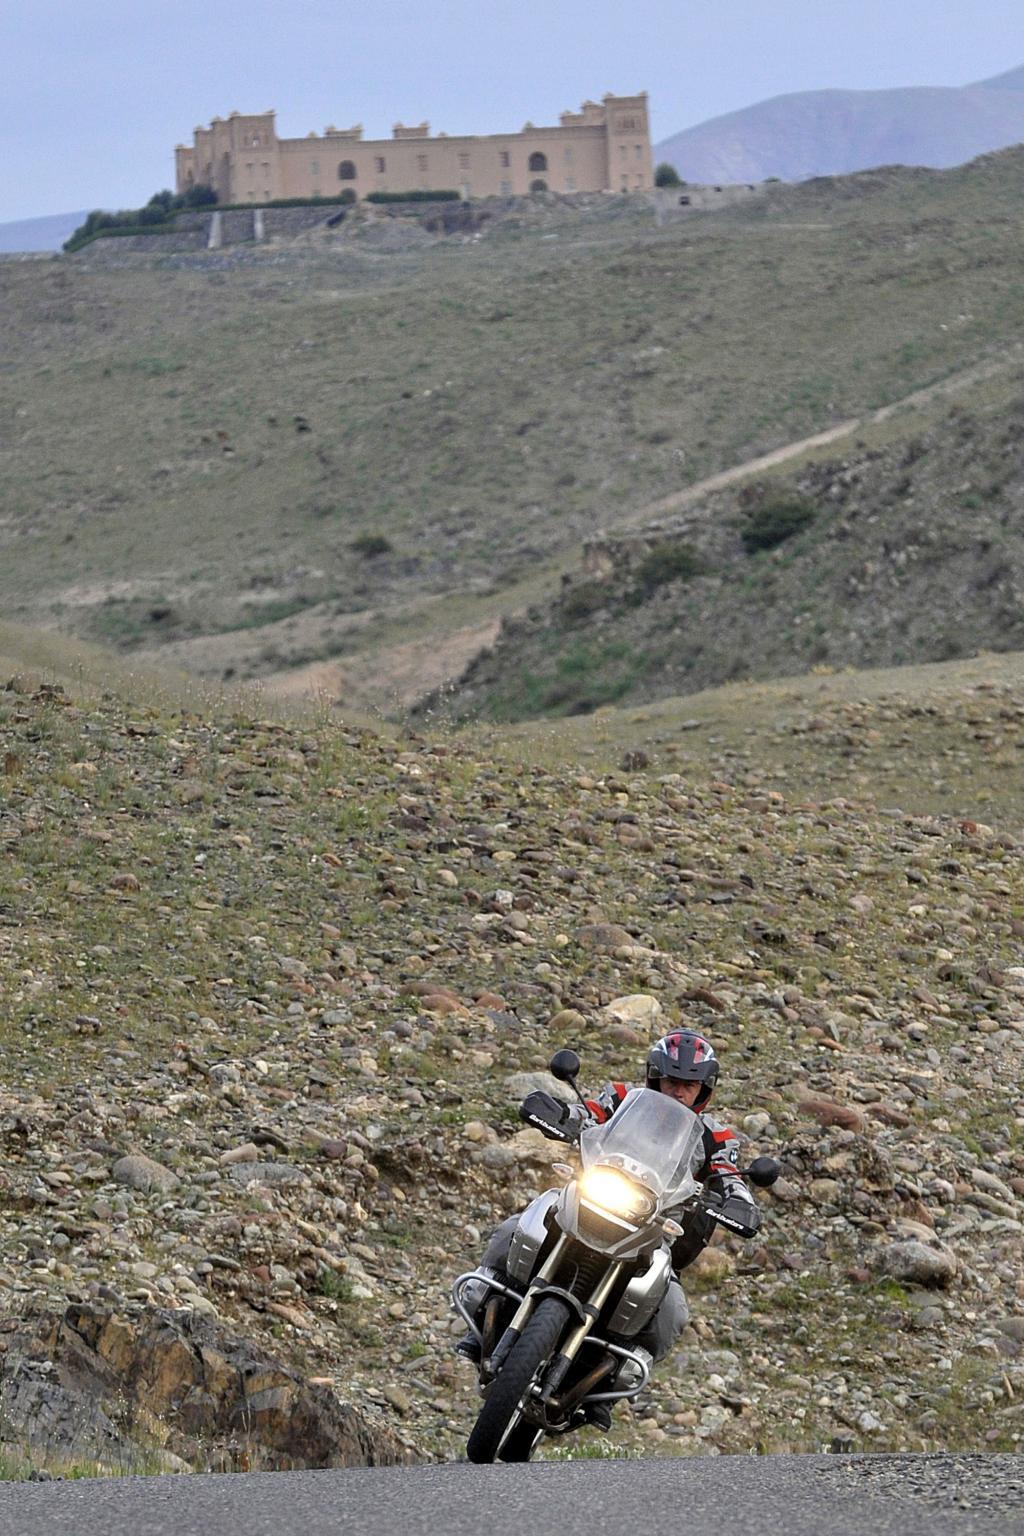 Michelin anakee iii motorrad fotos amp motorrad bilder